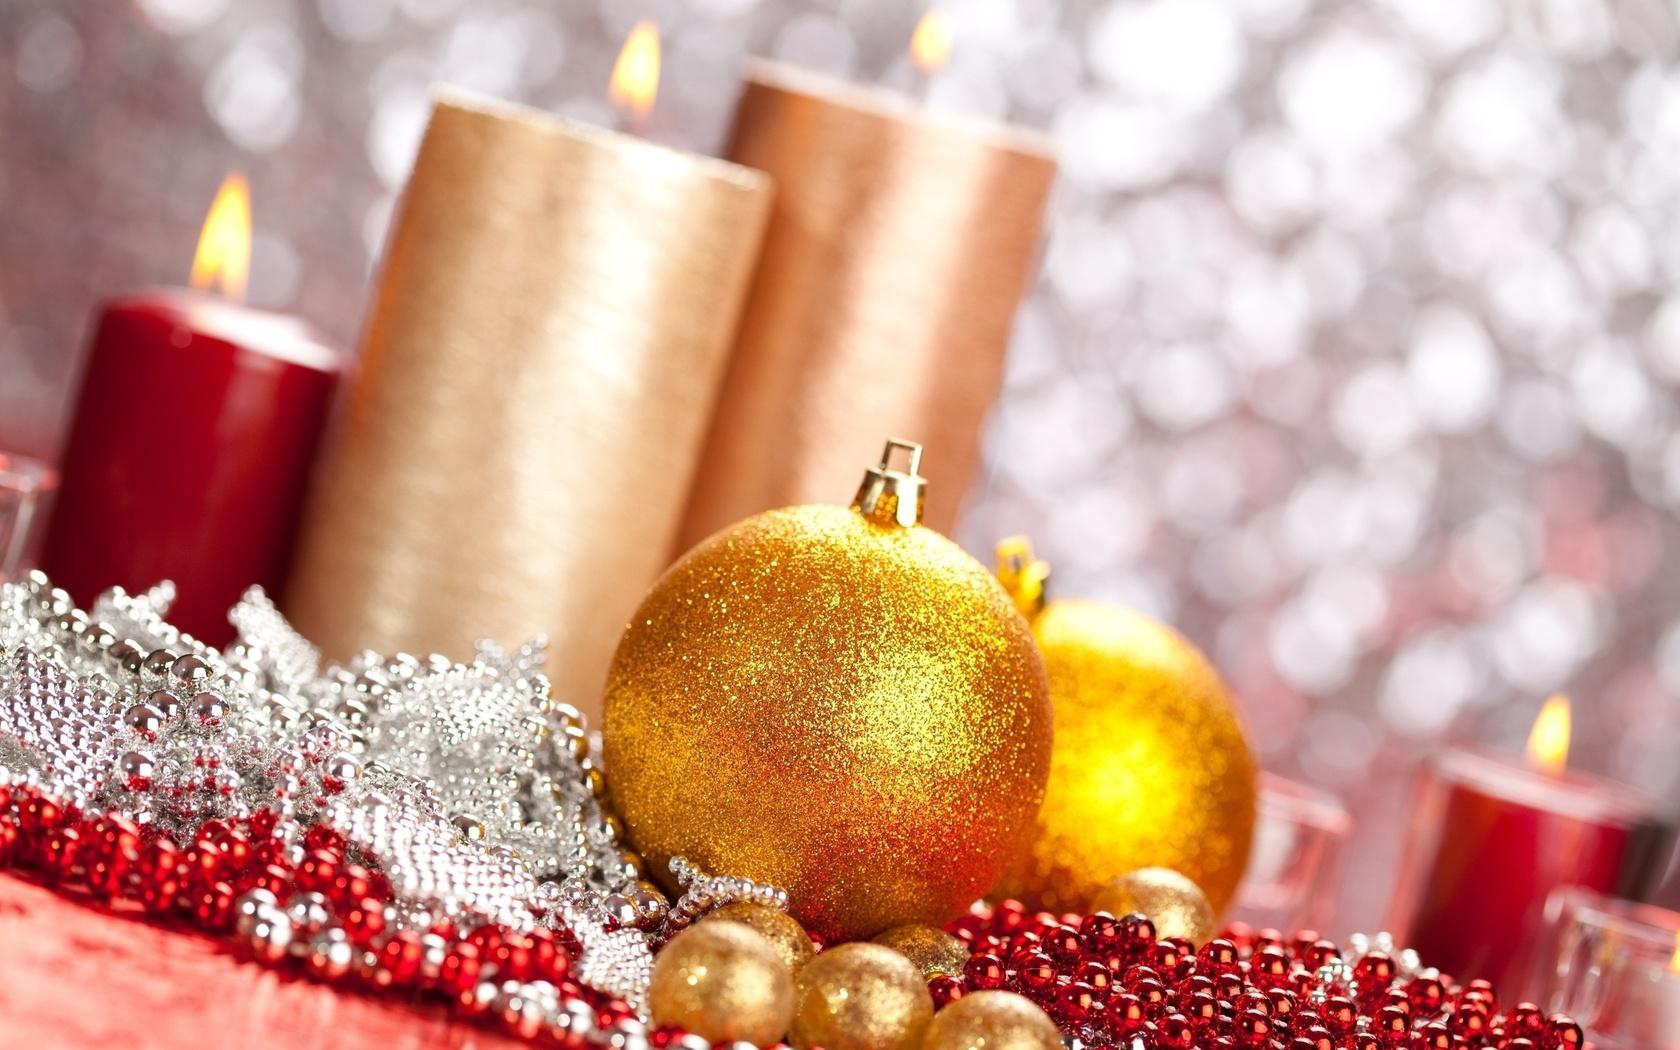 новогодний гивевей картинка нам увидите все